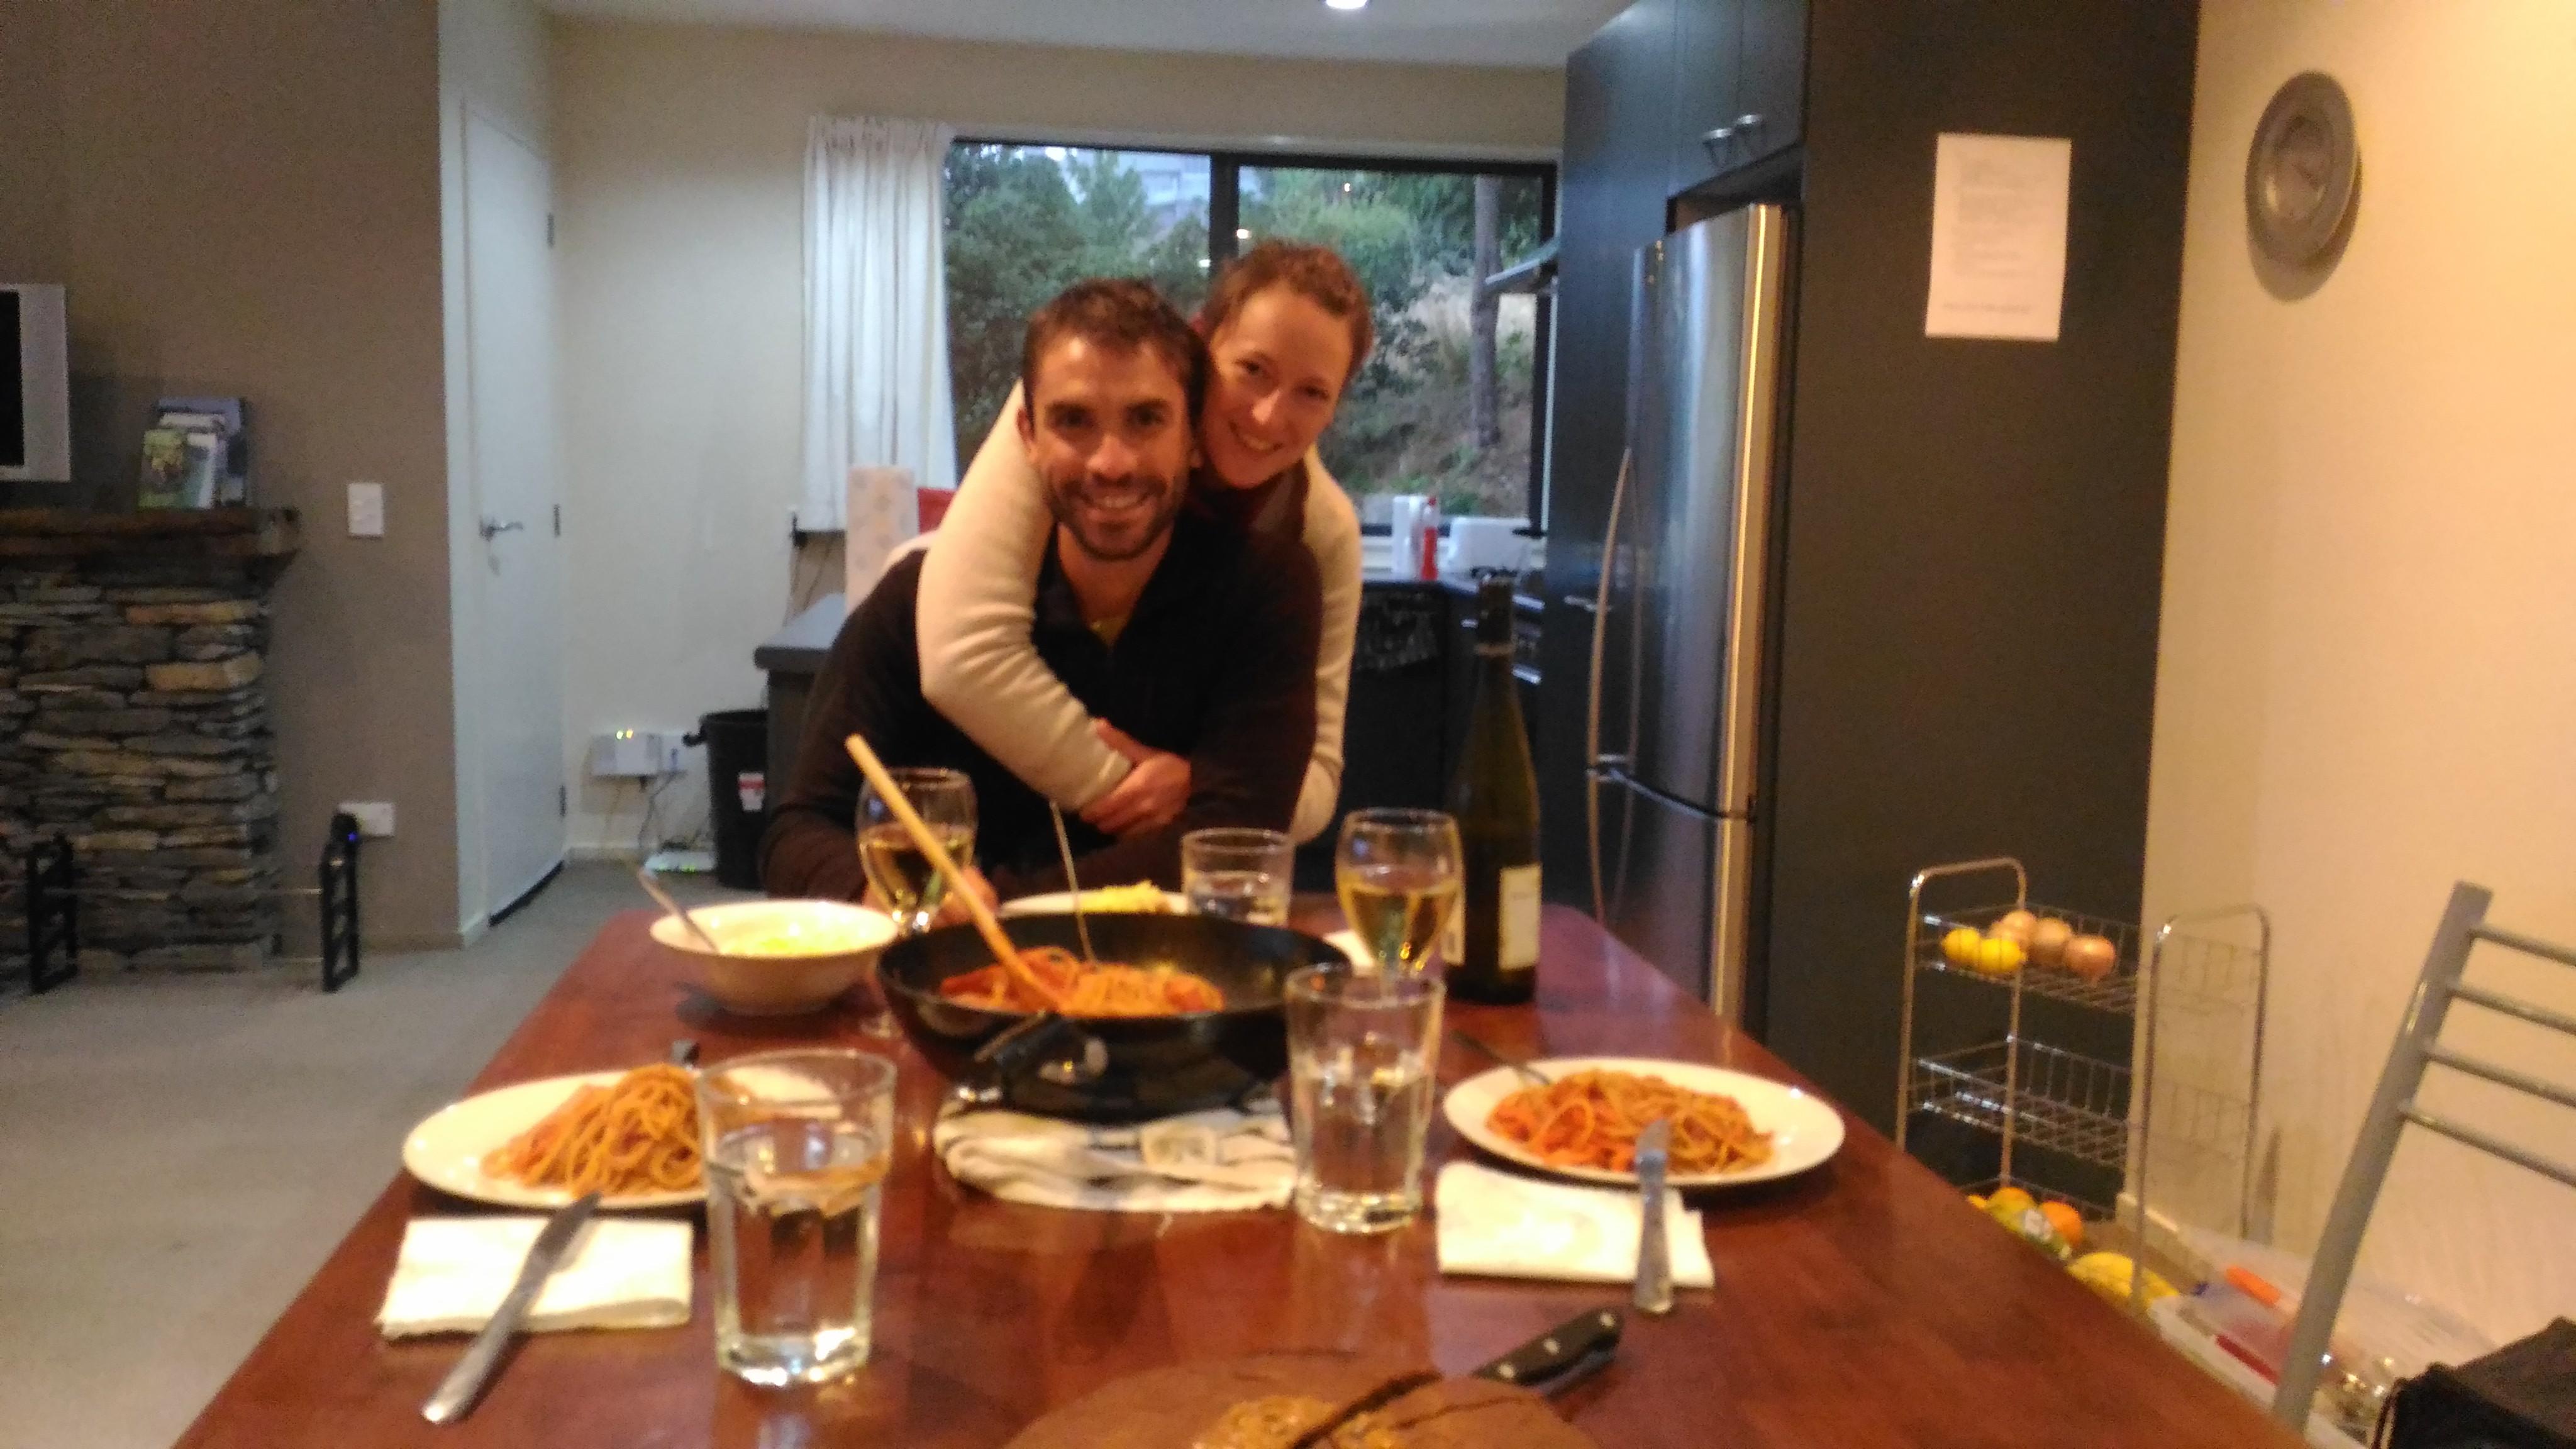 Premier repas dans notre maison!